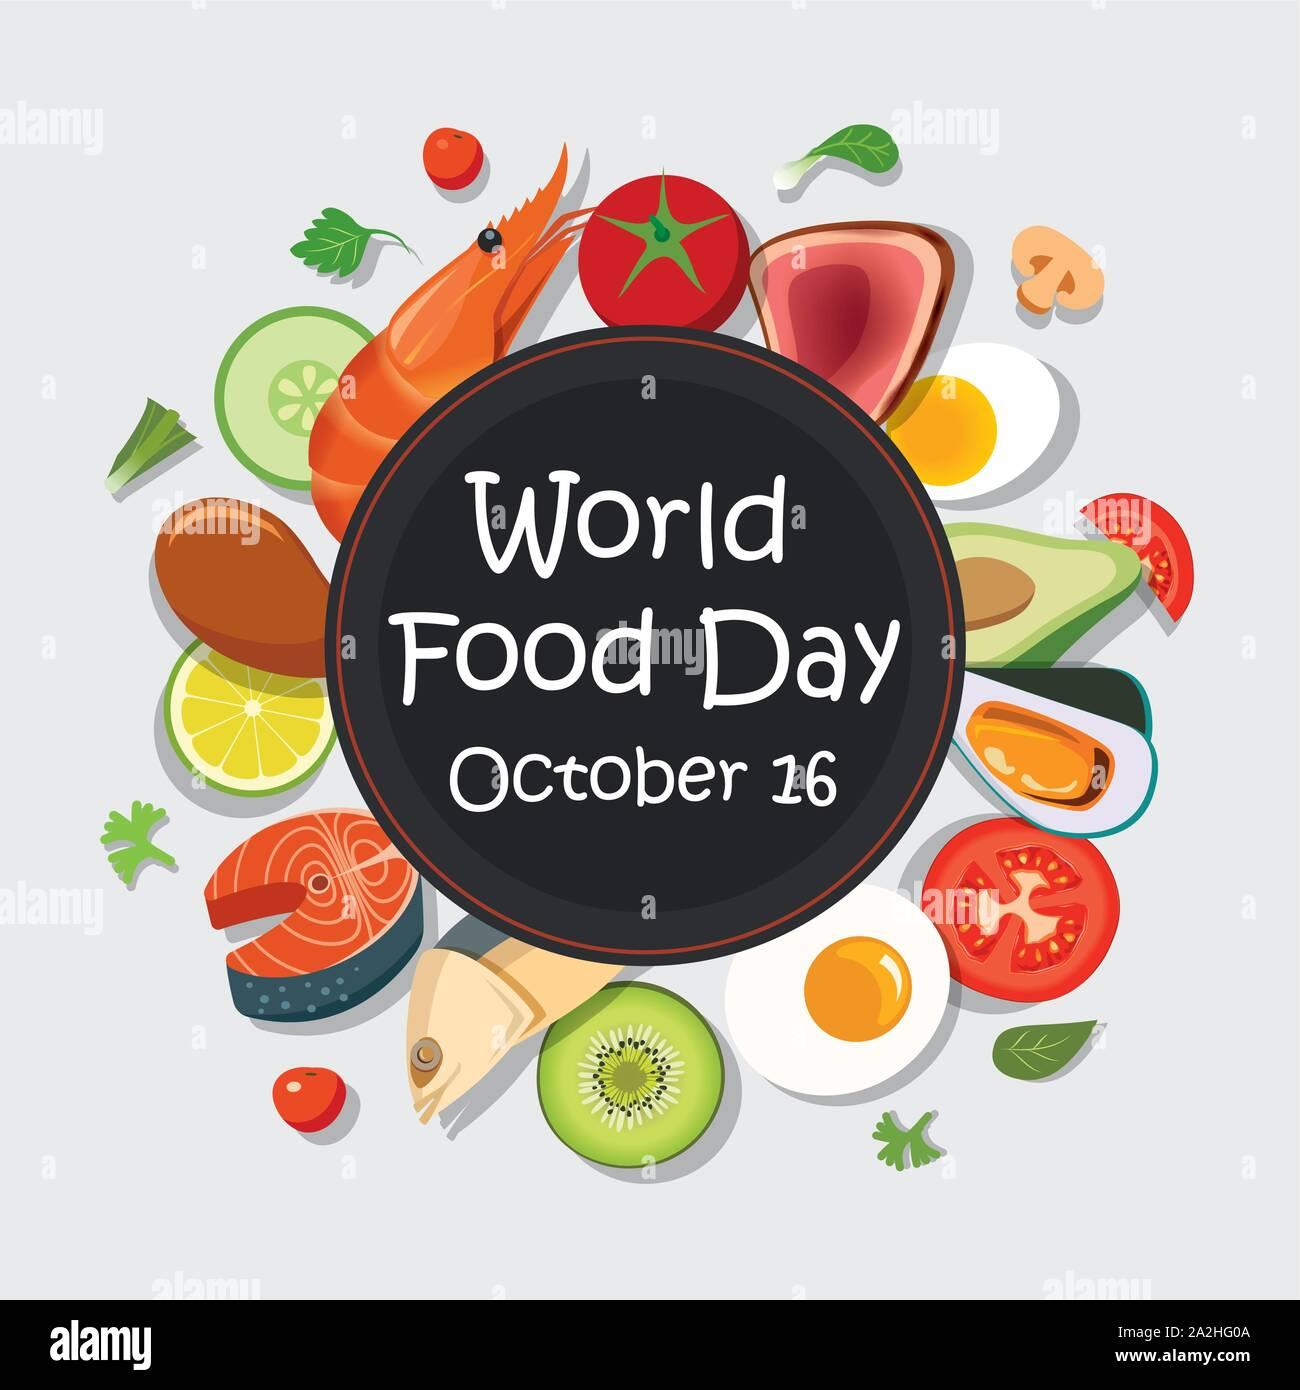 Plantilla De Carteles Del Dia Mundial De La Alimentacion Y El Fondo Imagen Vector De Stock Alamy